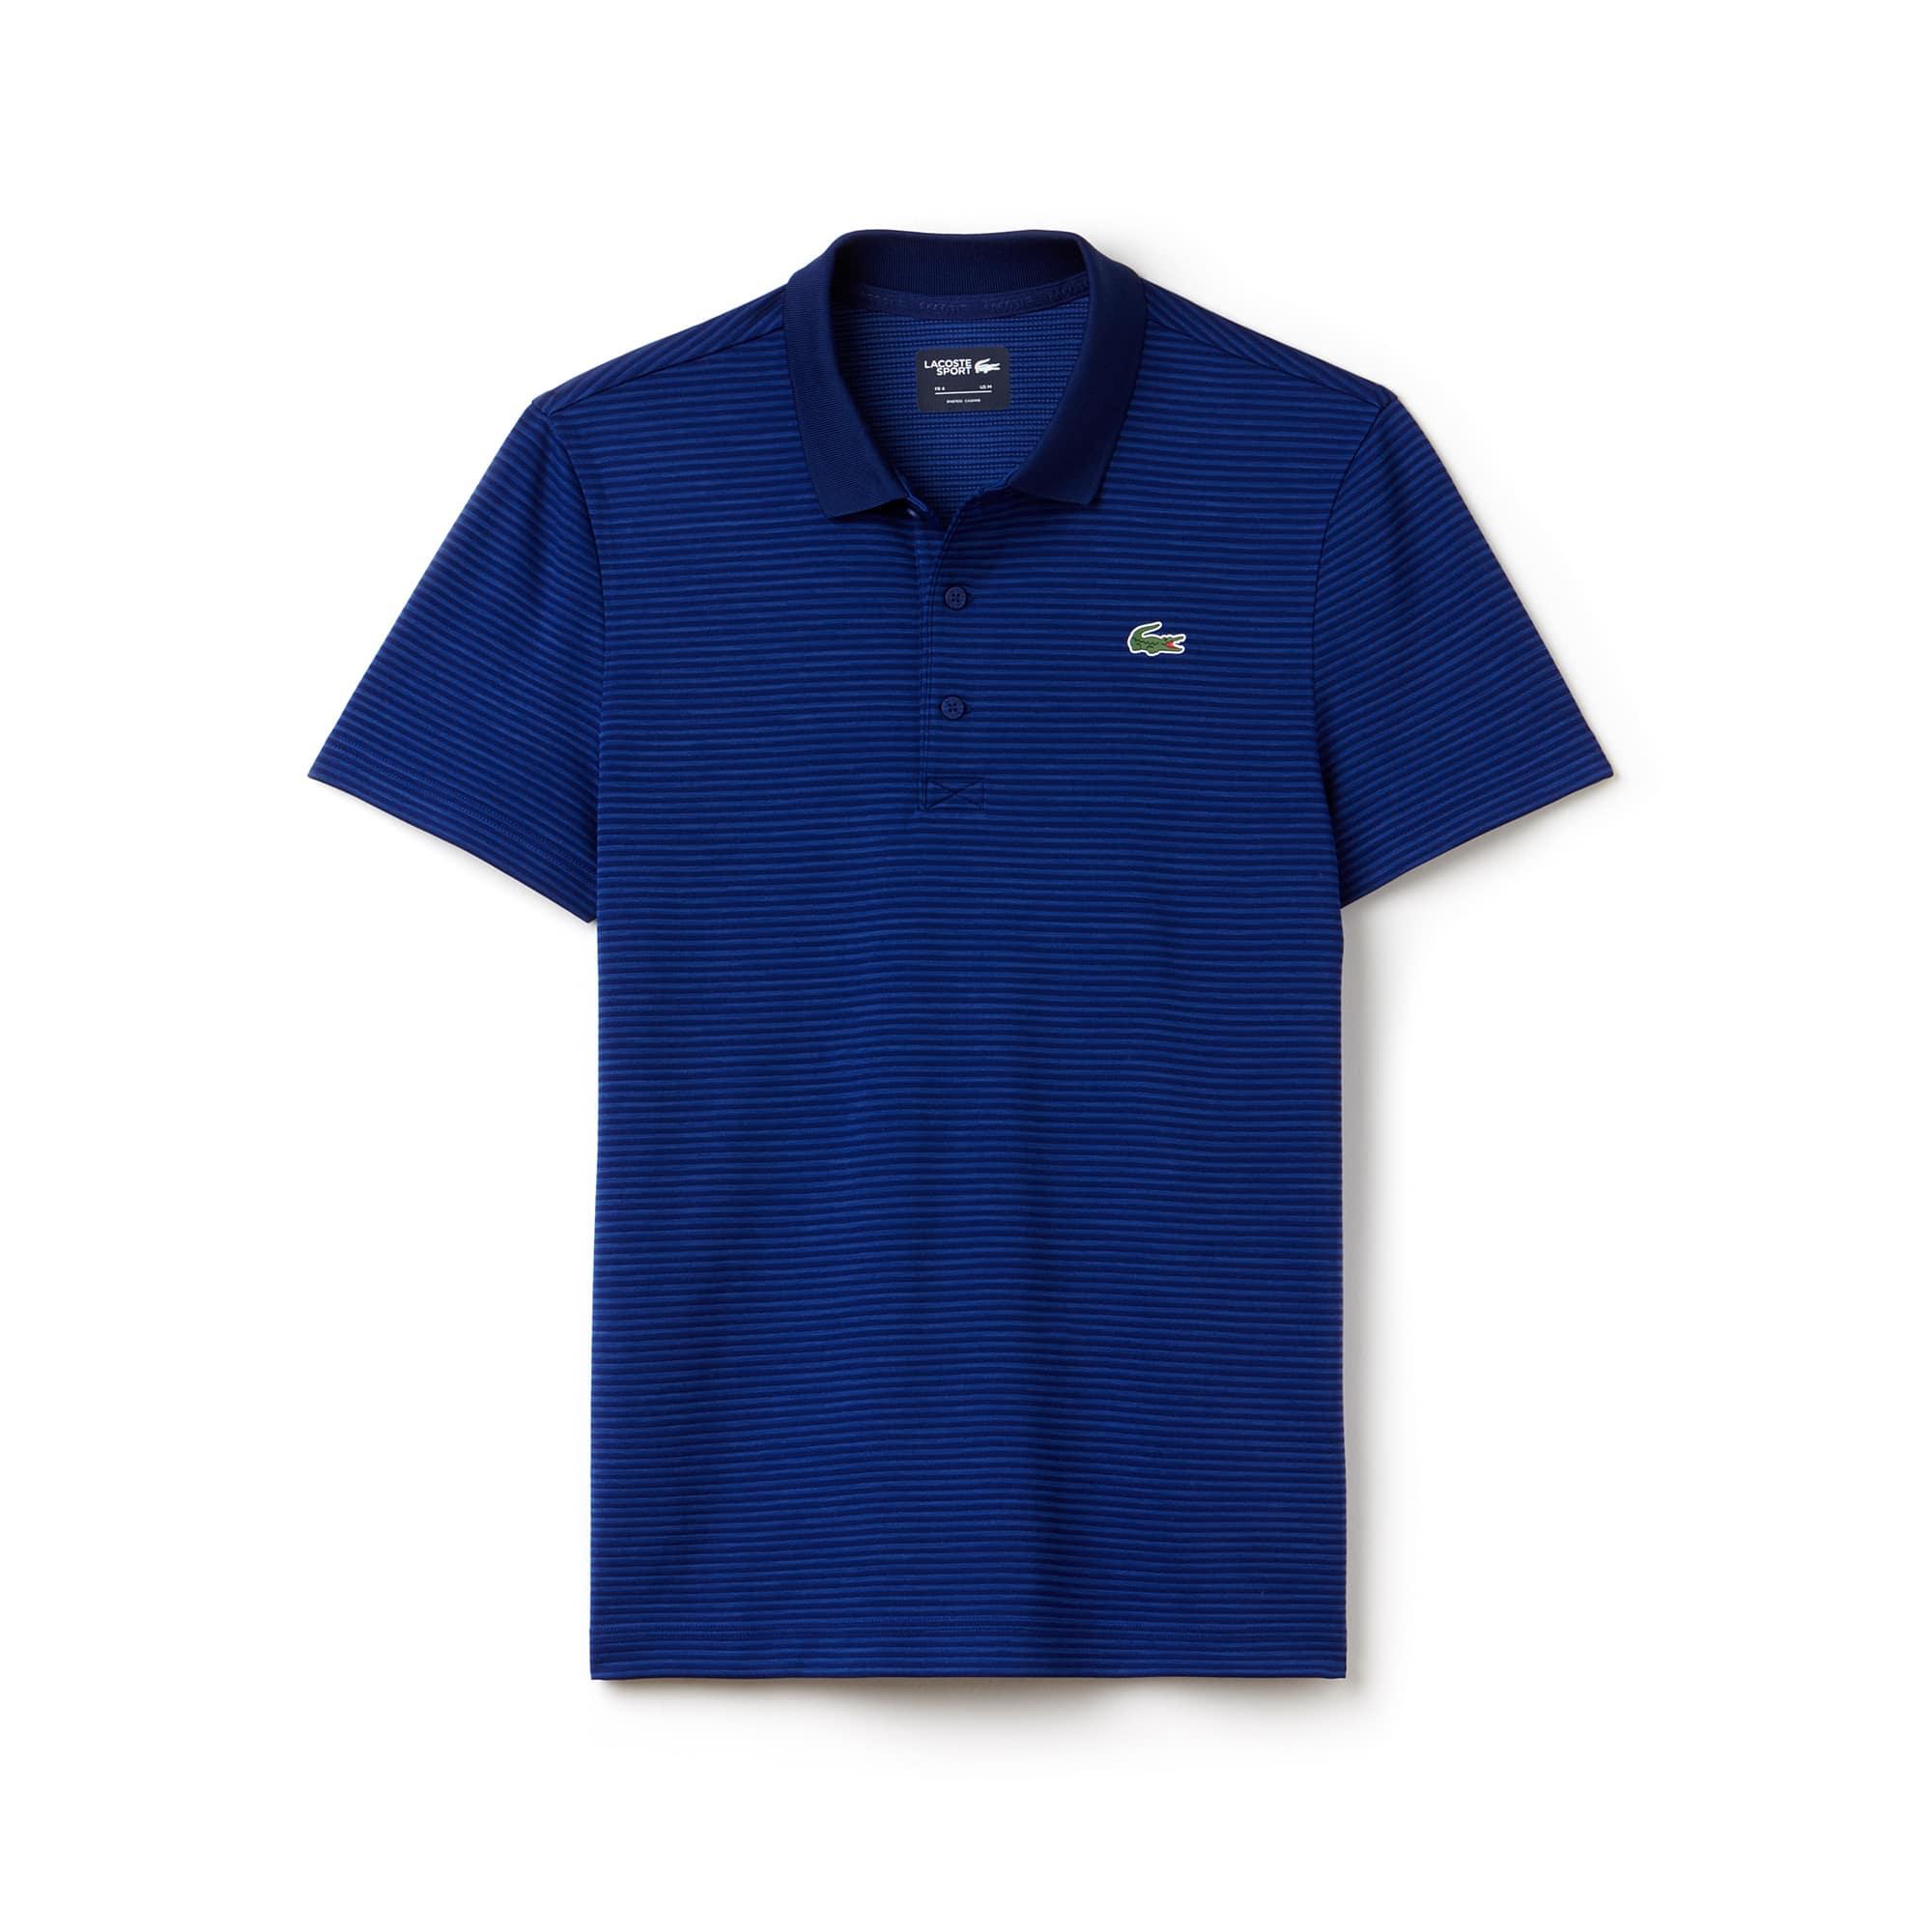 Men's Lacoste SPORT Golf Striped Tech Jersey Polo